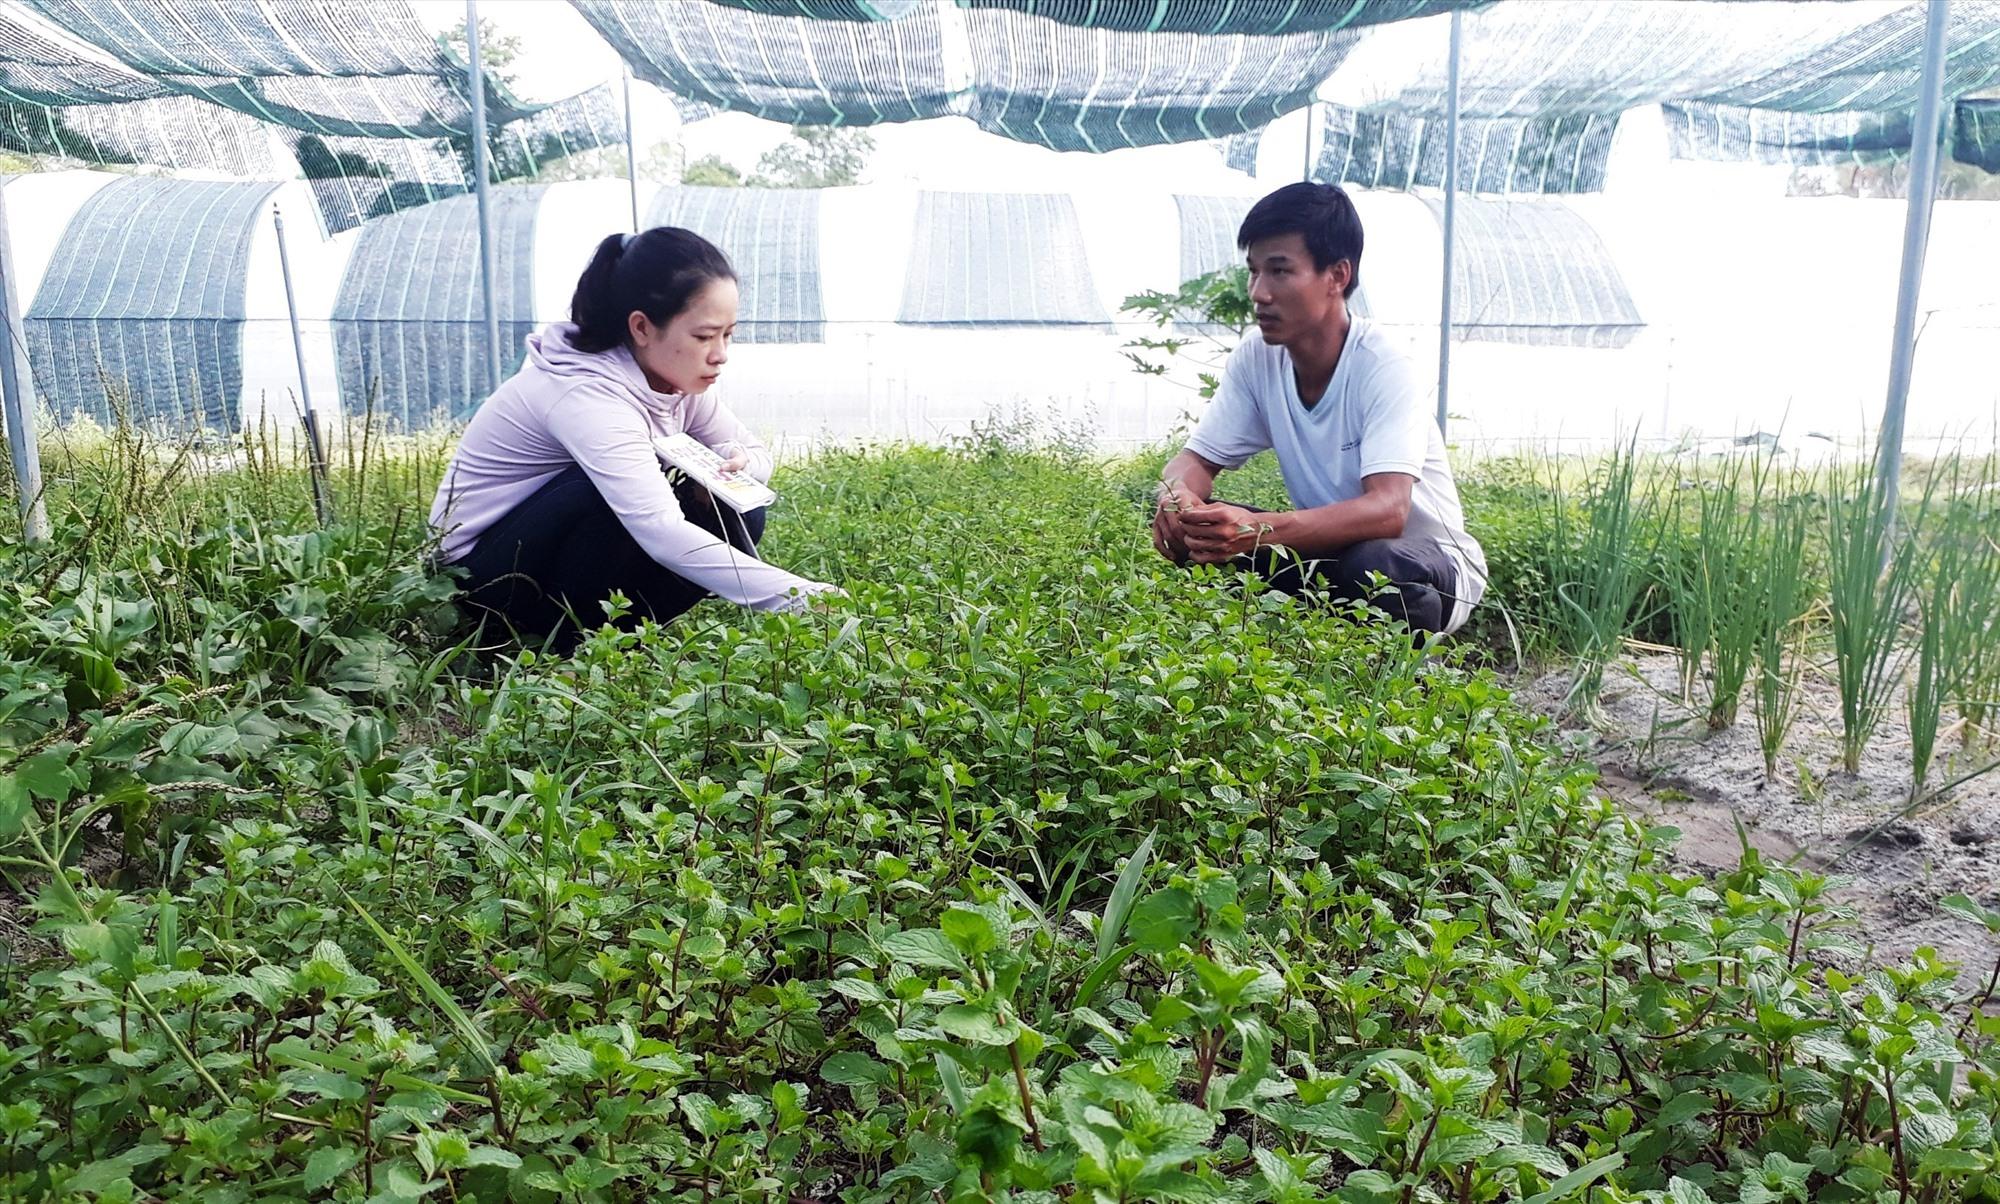 Mô hình trồng rau hữu cơ trong nhà lưới của HTX Nông nghiệp công nghệ cao Trường Thành. Ảnh: NGUYỄN QUANG